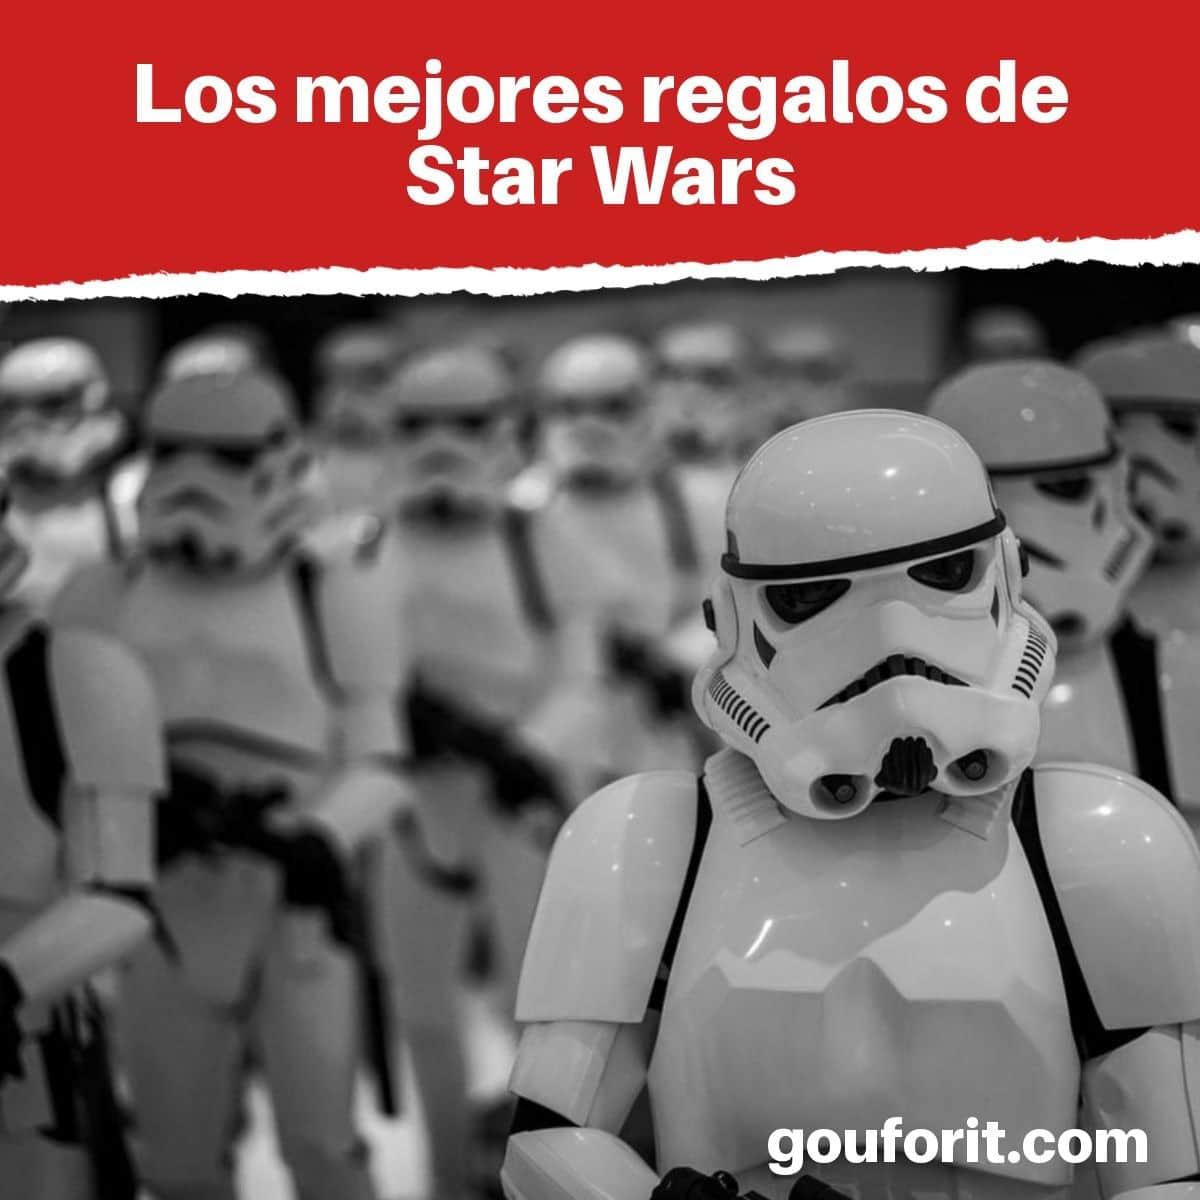 Los mejores regalos de Star Wars